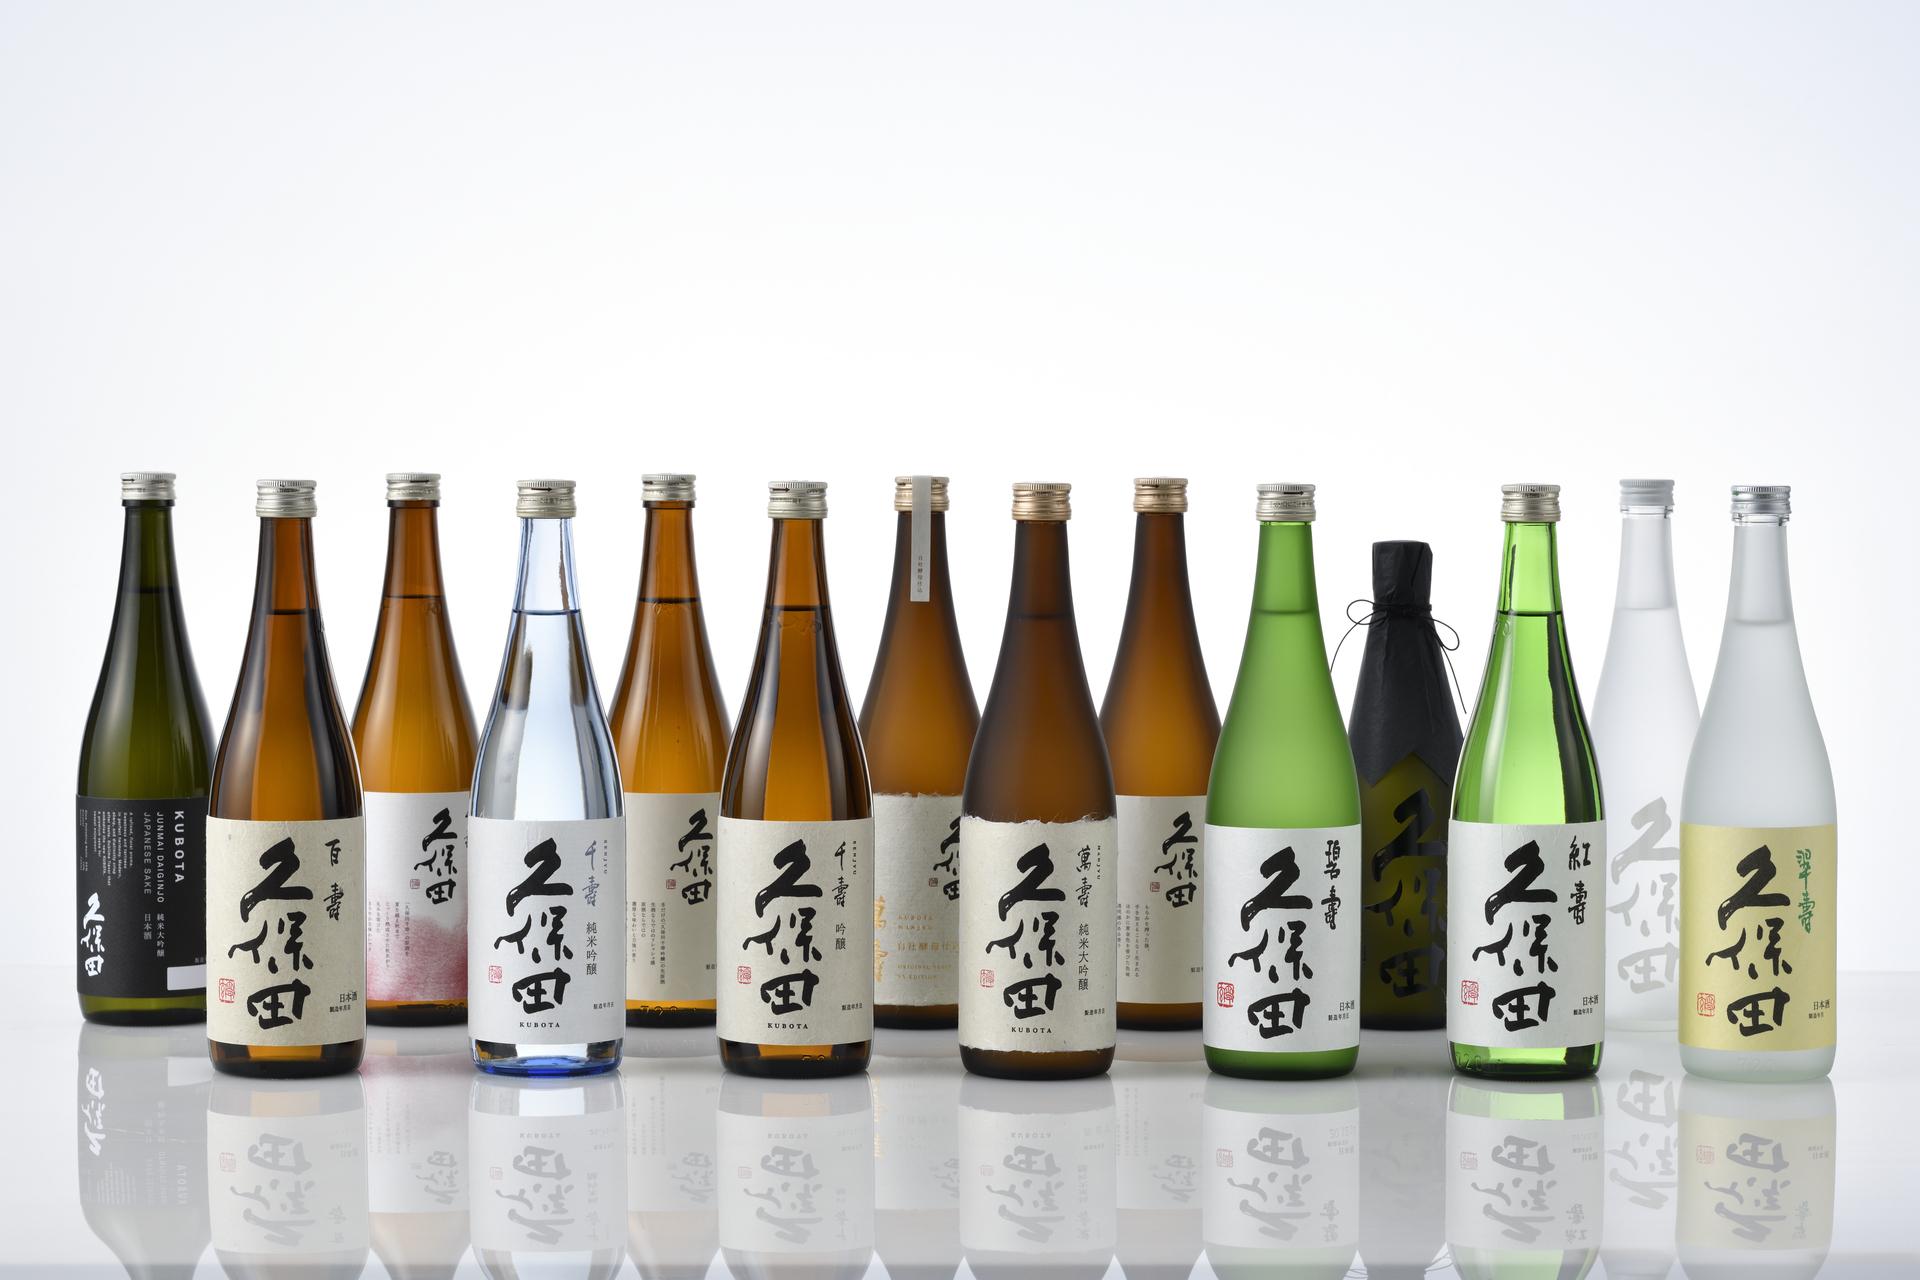 日本酒「久保田」のランクや価格は?香り・味わい・造りを社員が独自解説